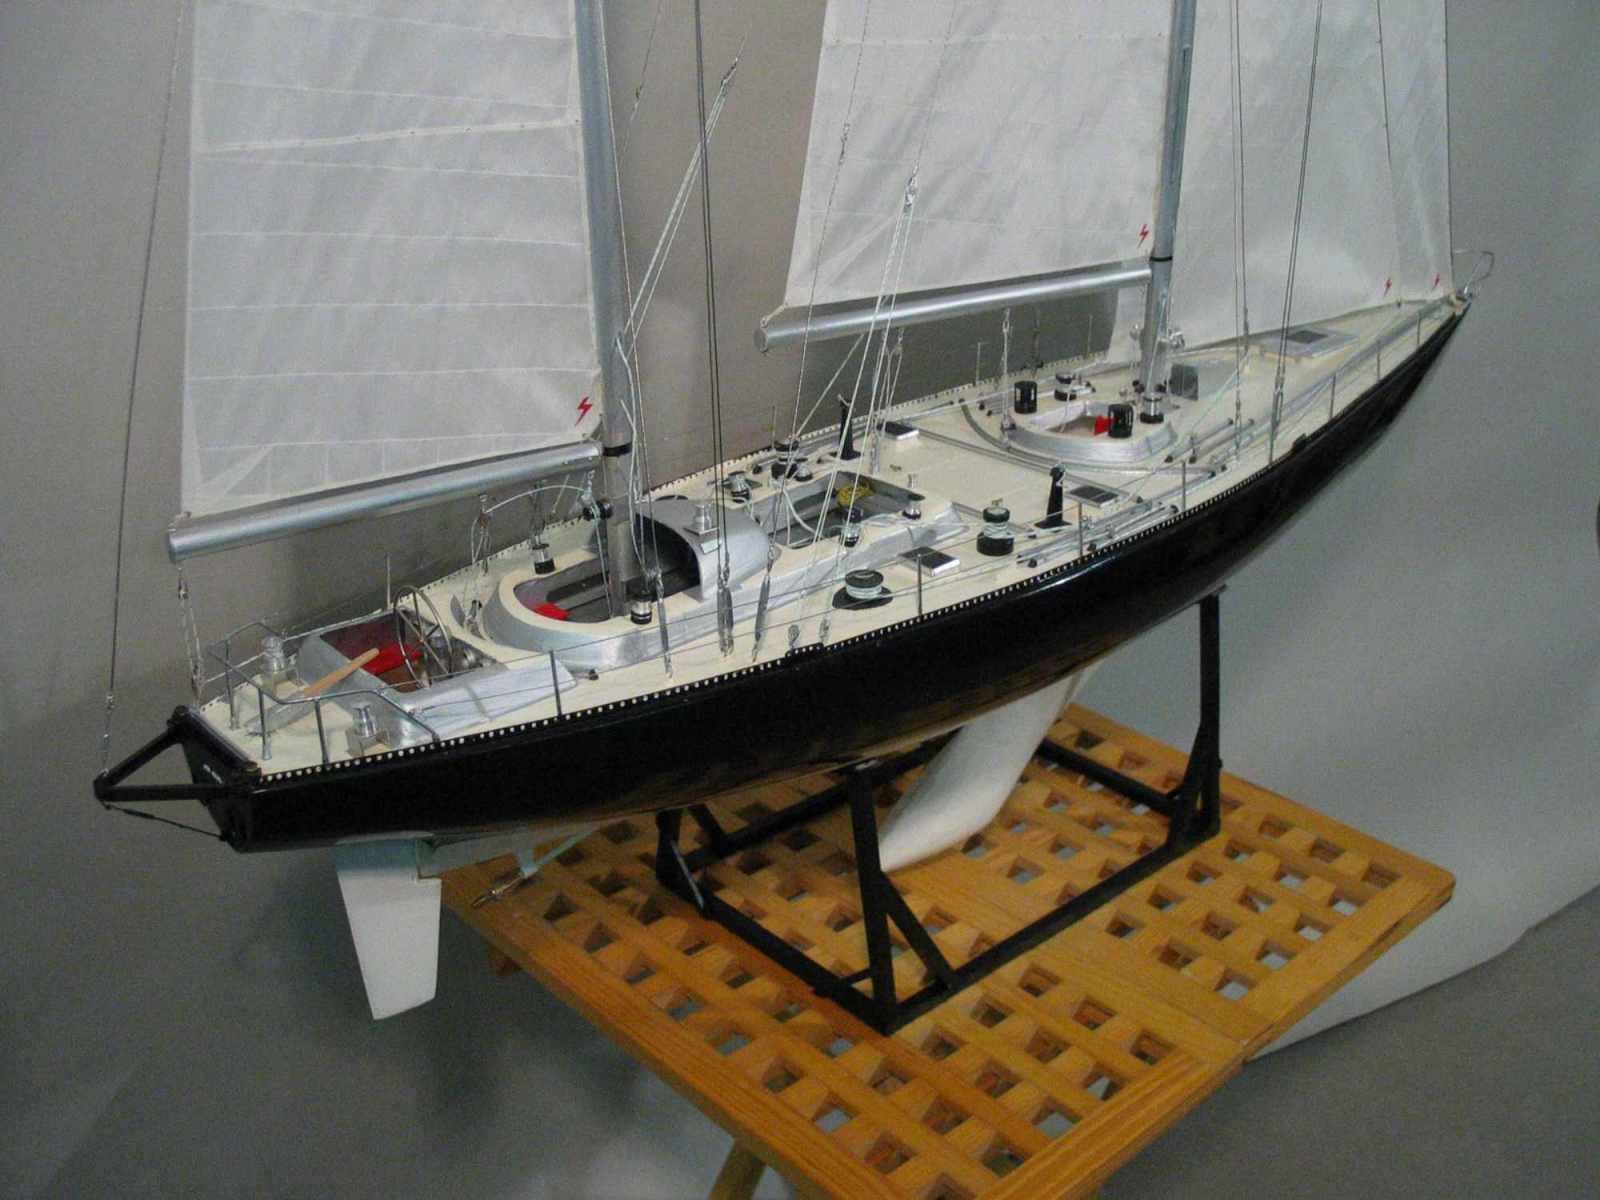 Maquette de Pen Duick VI Bateau de course au large d'Éric Tabarly Voilier